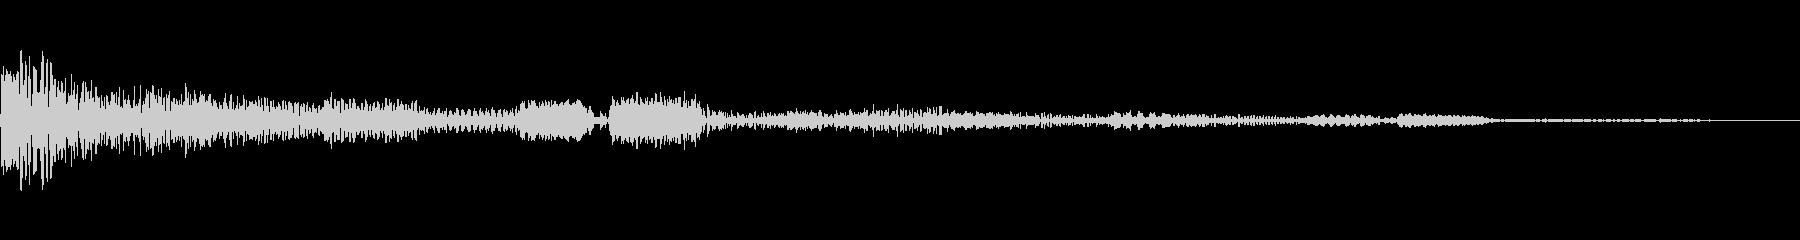 ゲーム アイテム・決定音3の未再生の波形